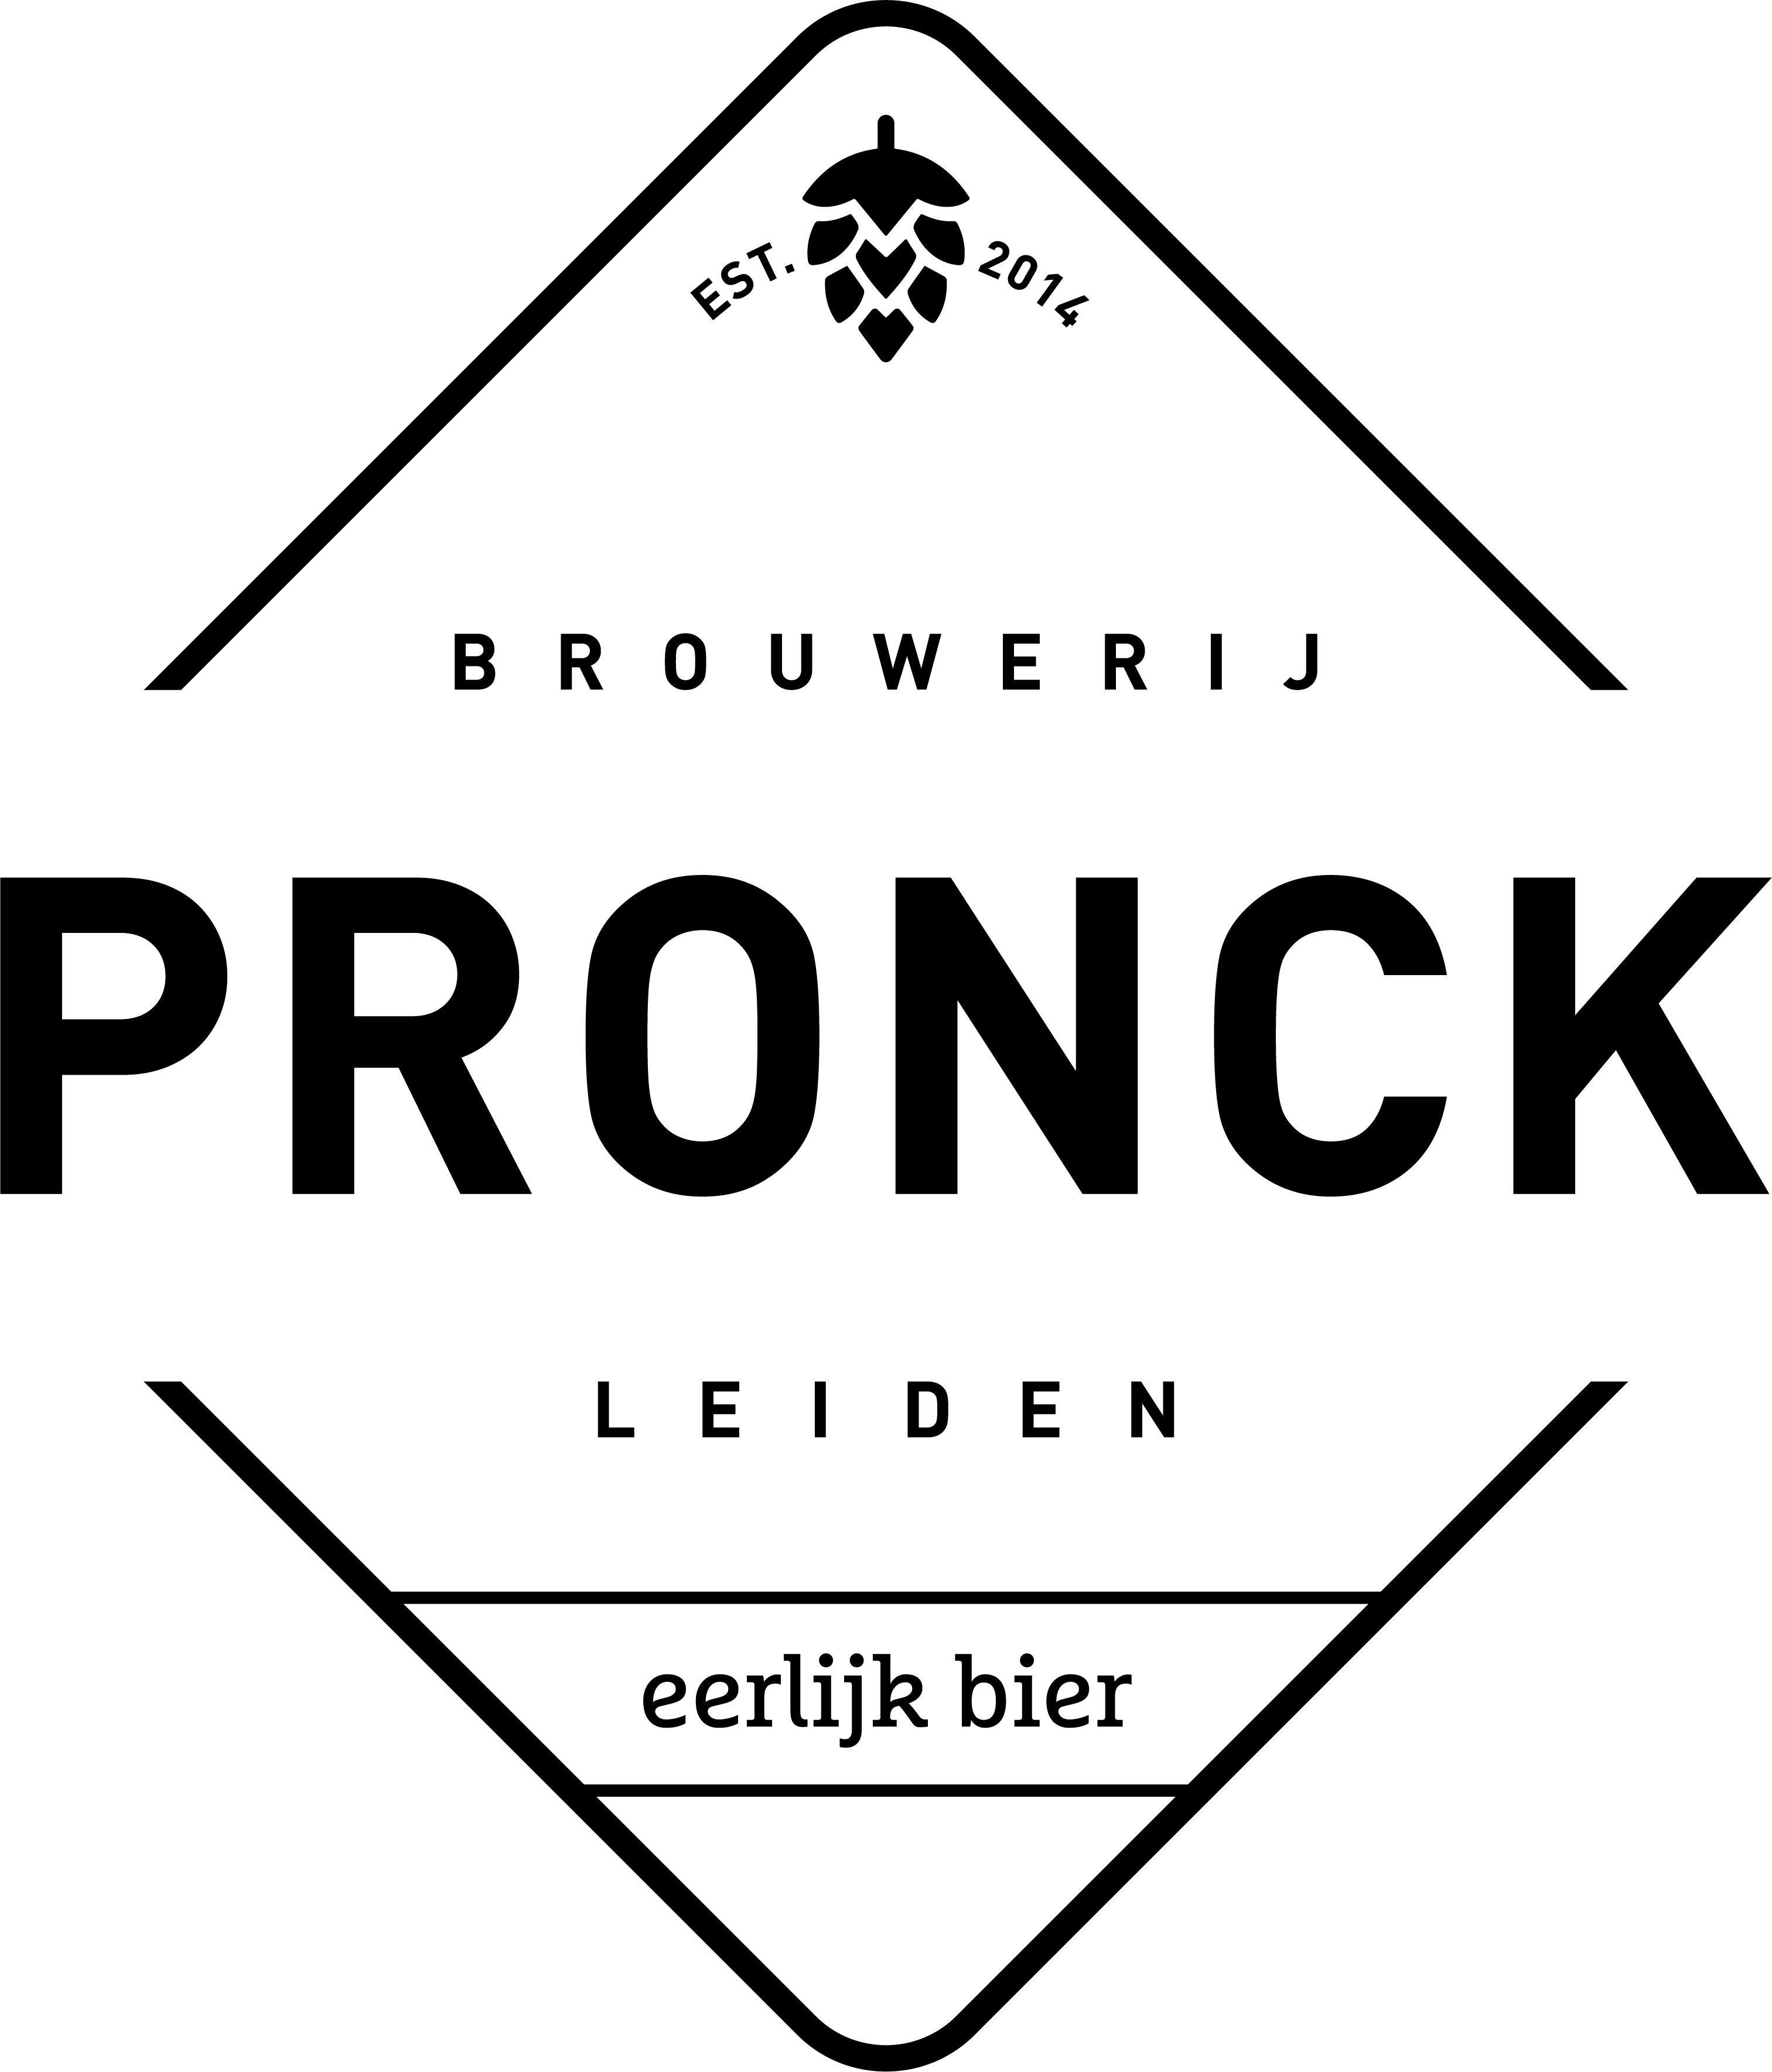 Logo van Brouwerij Pronck gevestigd in Leiden uit NL